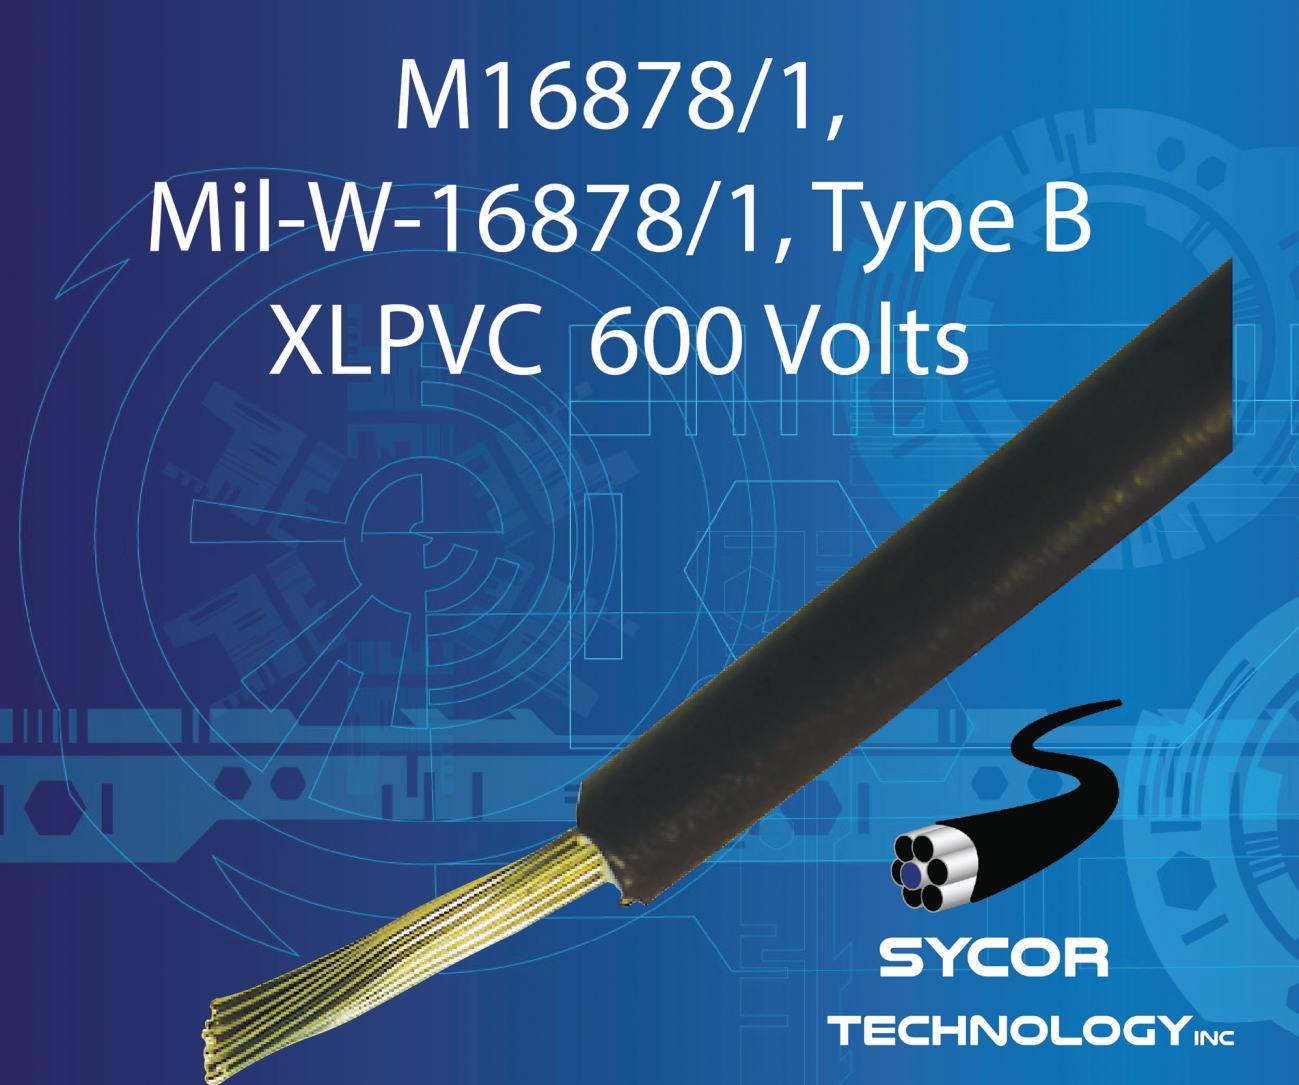 M16878/1, MIL-W-16878/1, Type B Wire